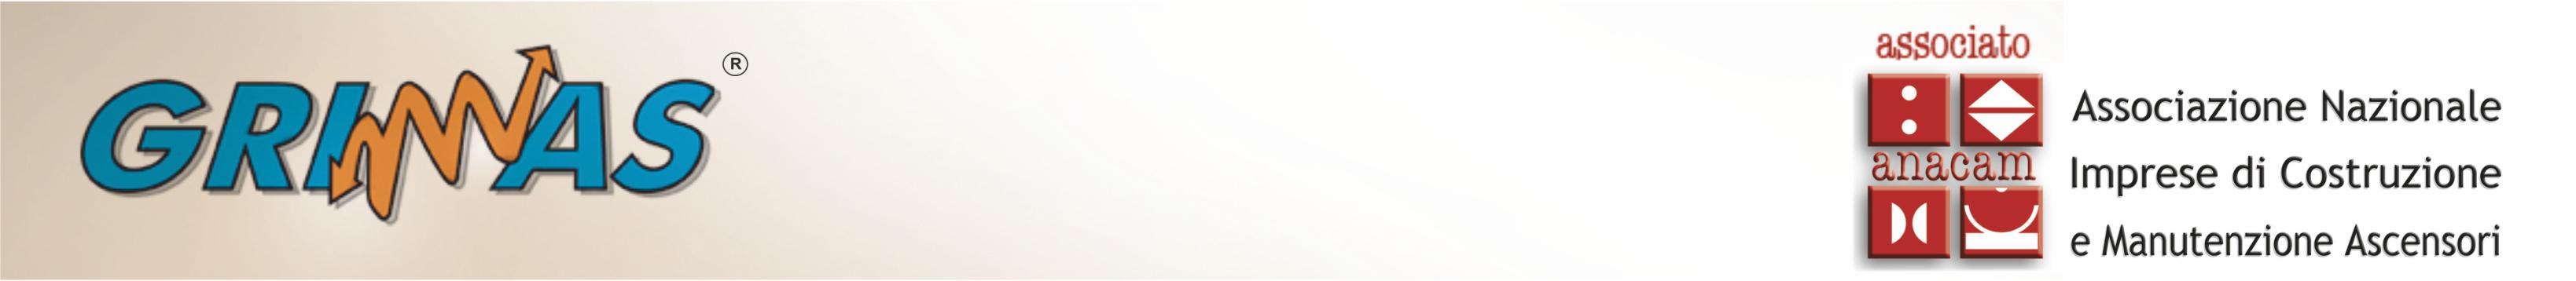 GriMas® – Automazione Silvelox – Automazione Dorma Kaba – Domotica Cisa – Informatica – Videosorveglianza – Reti WiFi – Ripetitori GSM – Campania Napoli